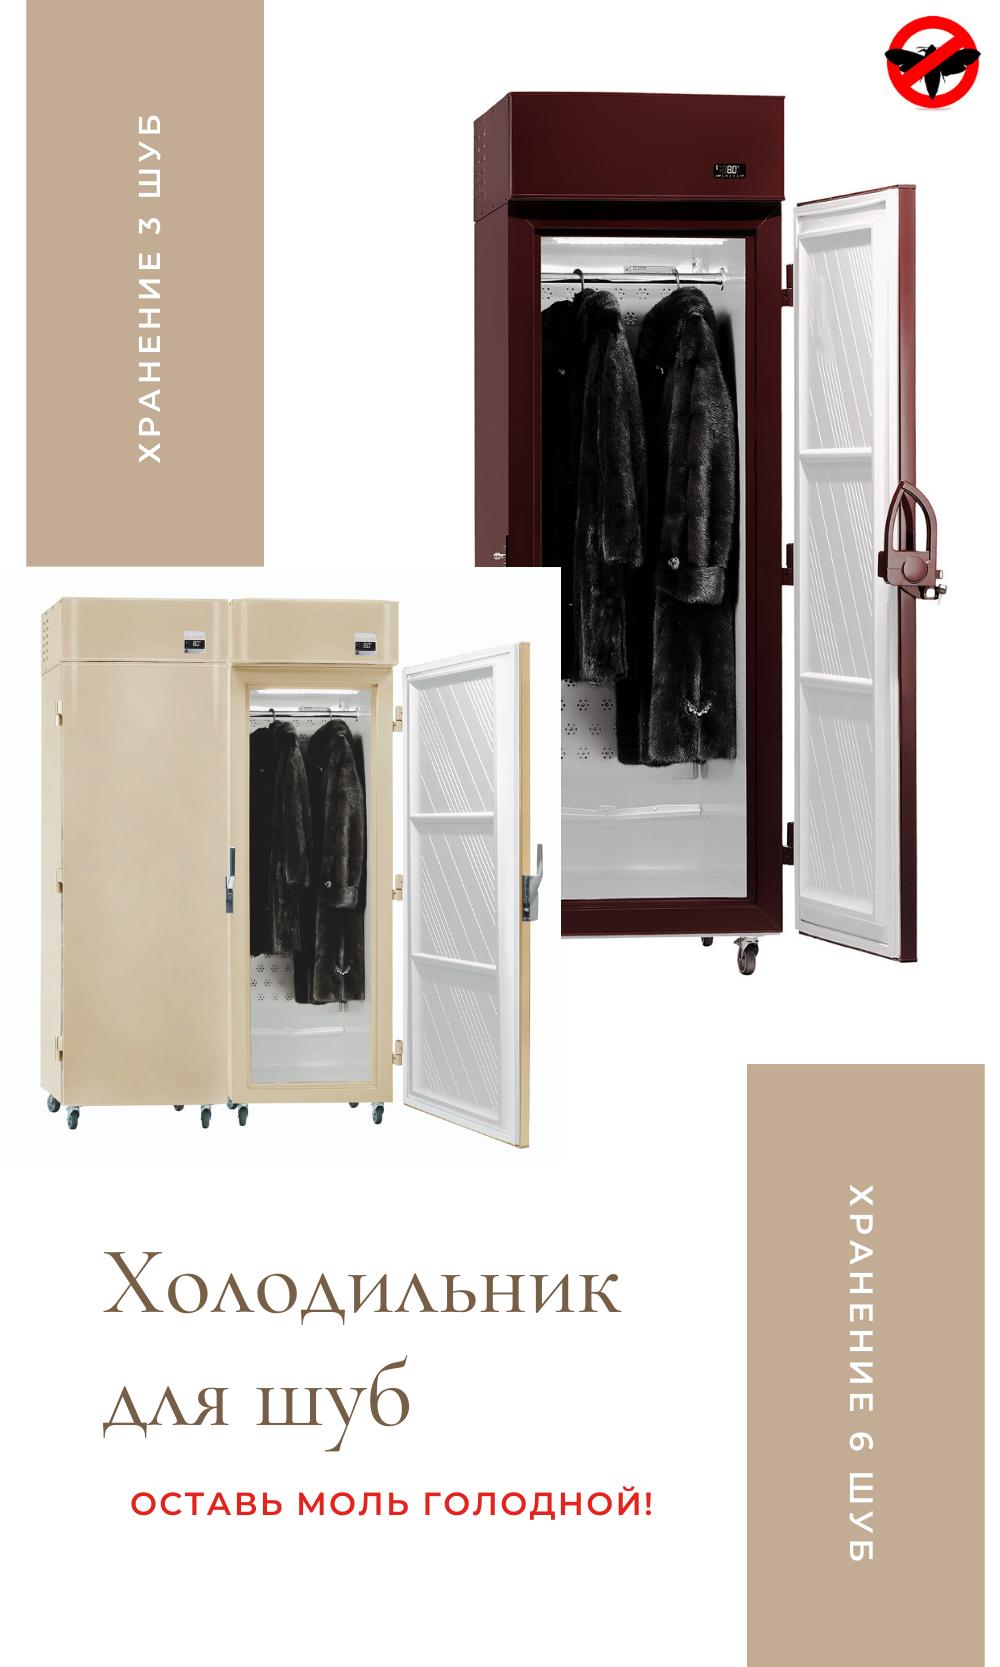 Шубные холодильники